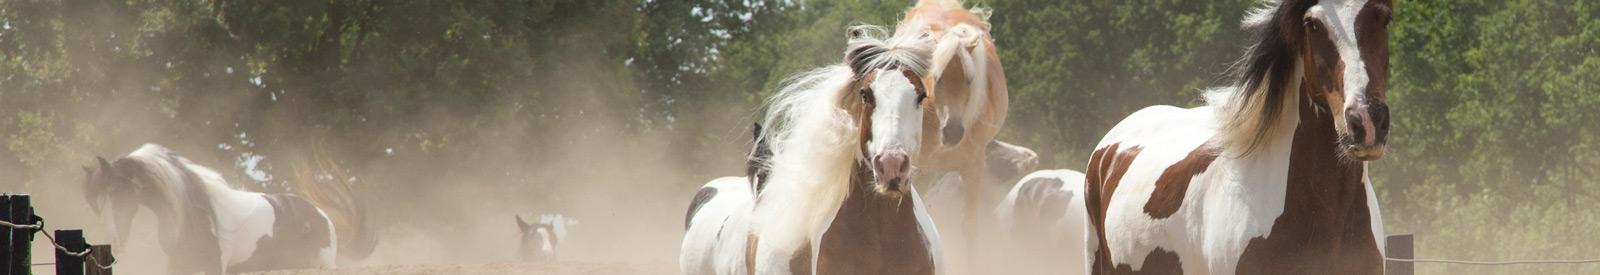 paarden-web